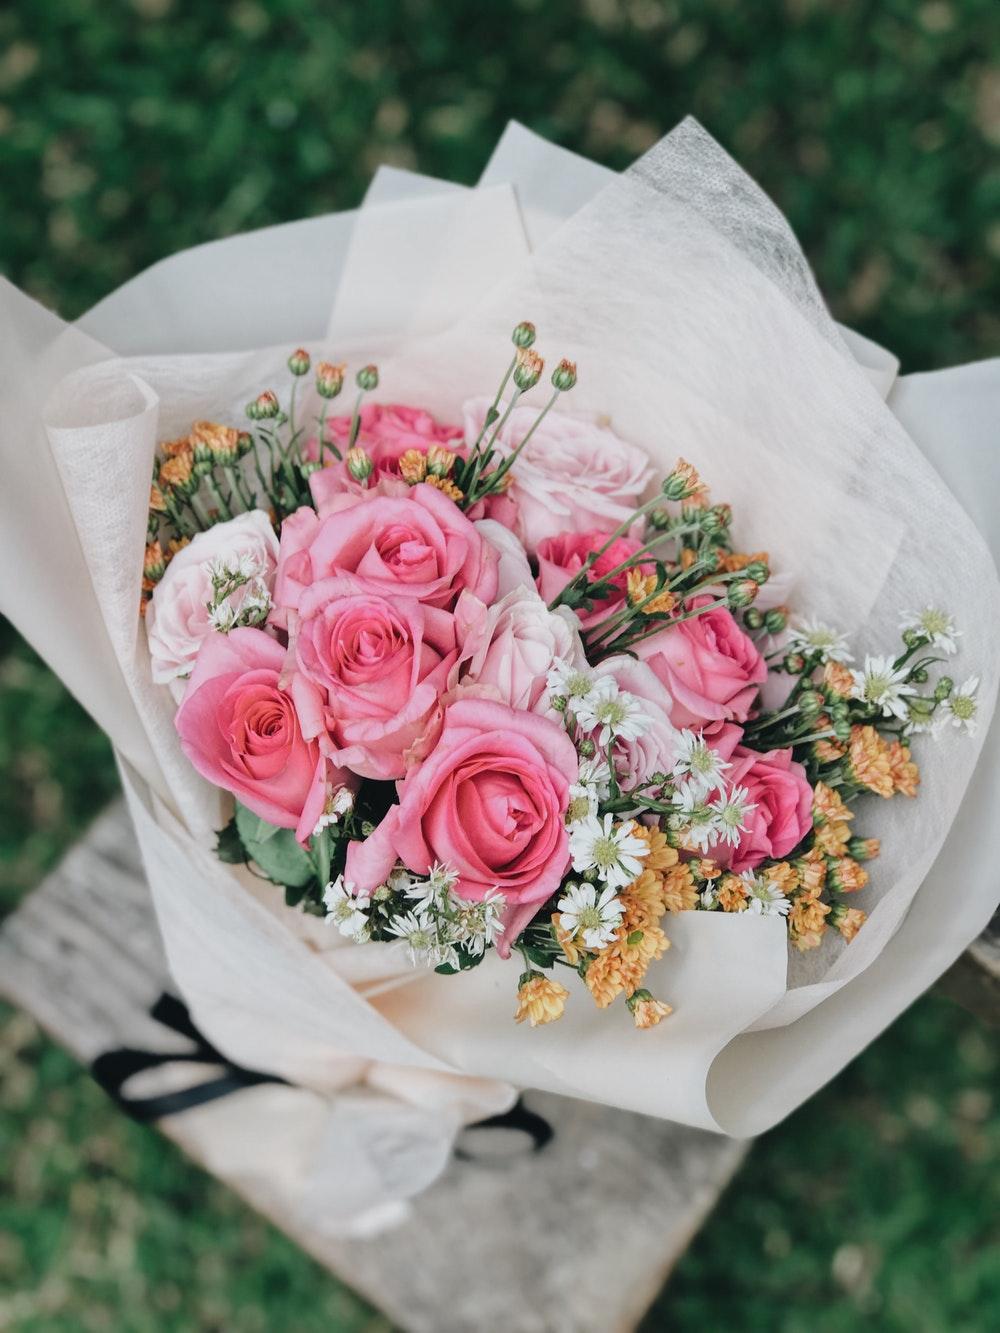 بالصور تنزيل صور ورد , الورد وجماله وابرازه فى صورة جميله 1657 7